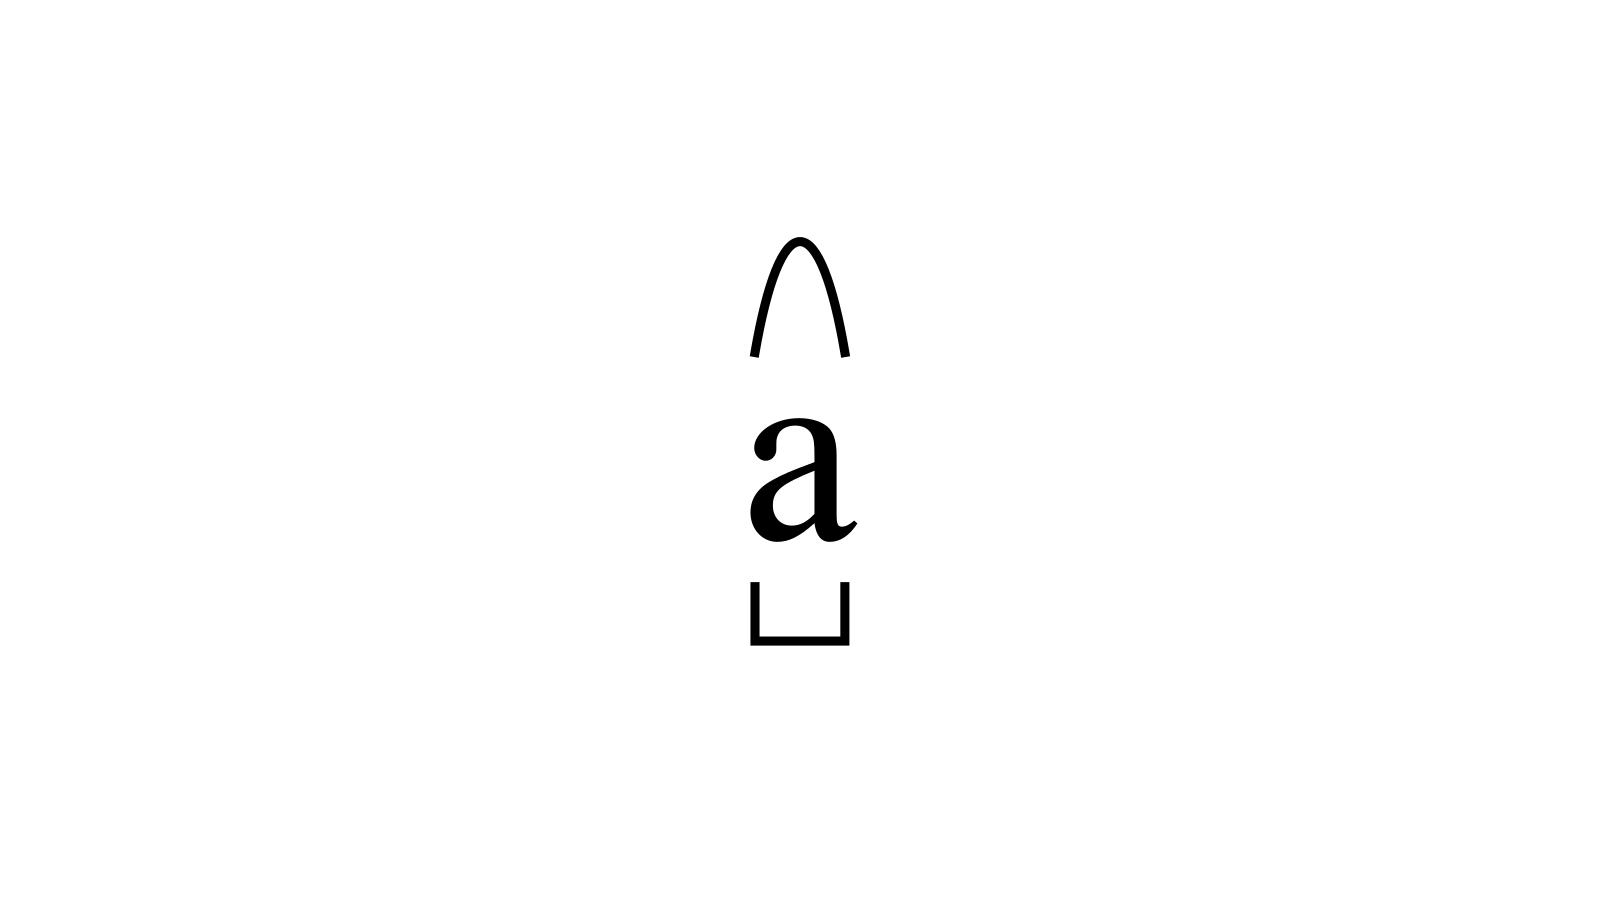 Разбор слова «а» по составу